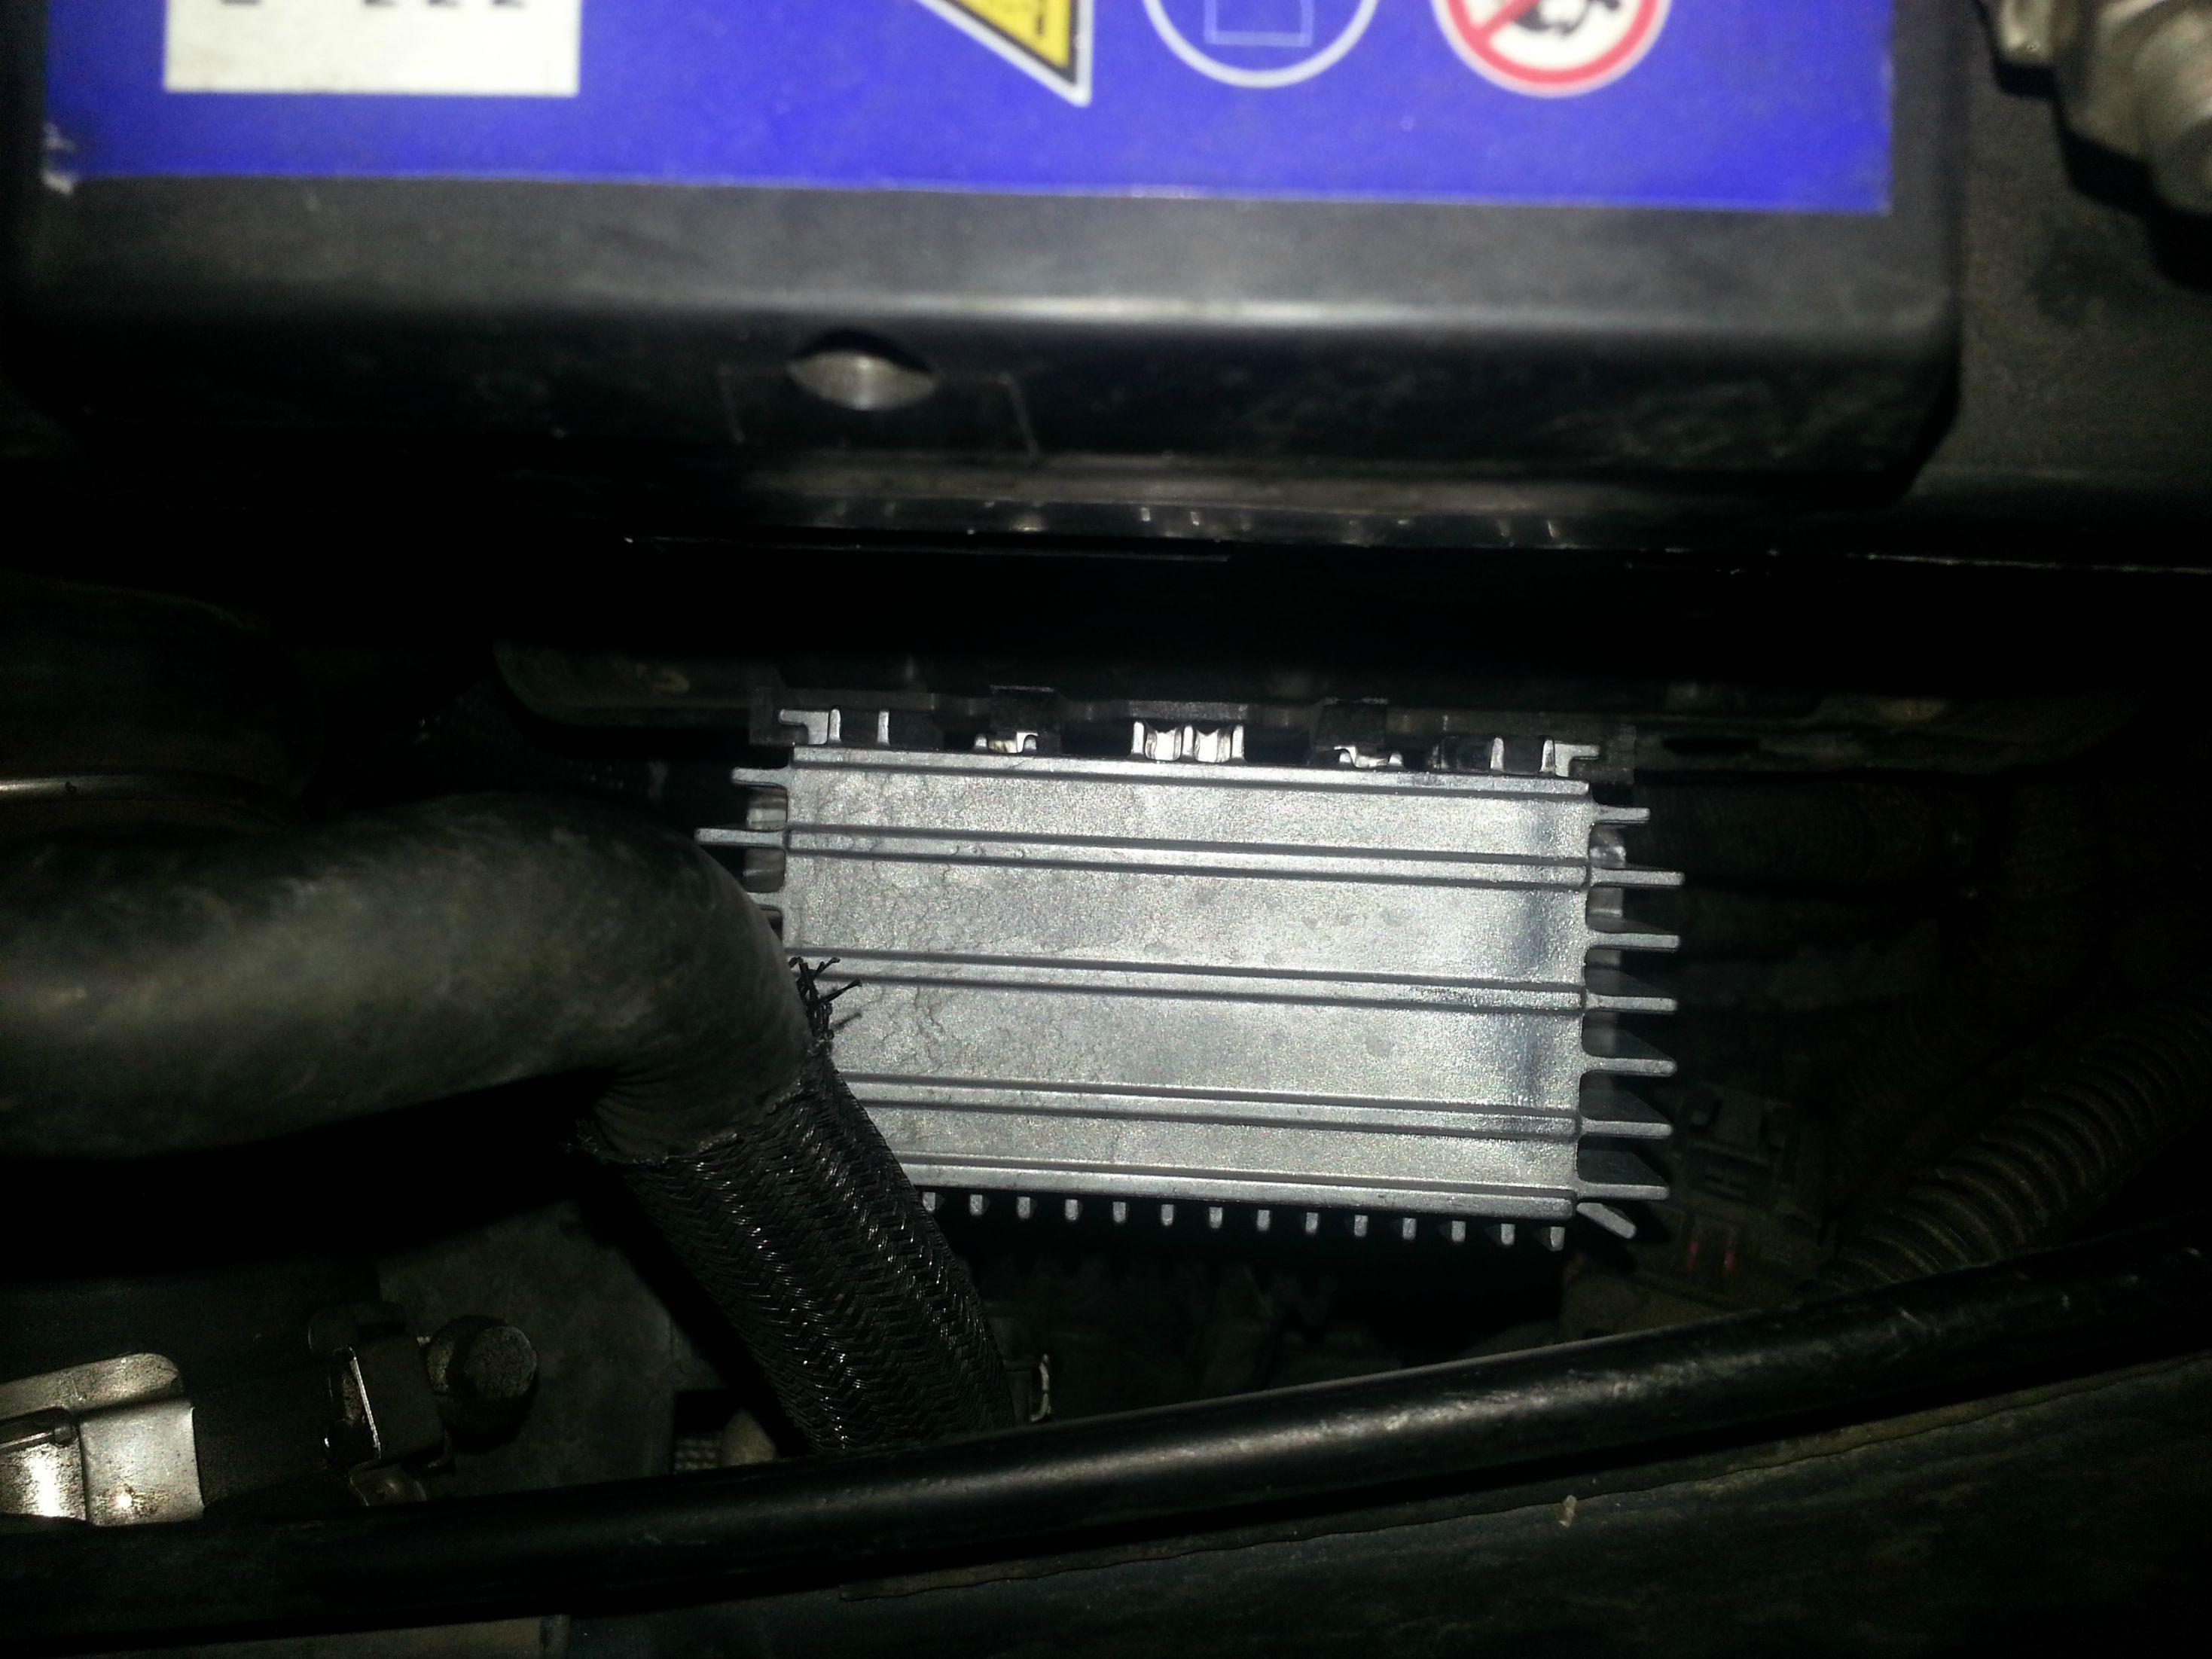 Tuneway General 1.7 CDTI Buj/íA de Precalentamiento del Calentador para Vauxhall 1.7 CDTI Dual Core